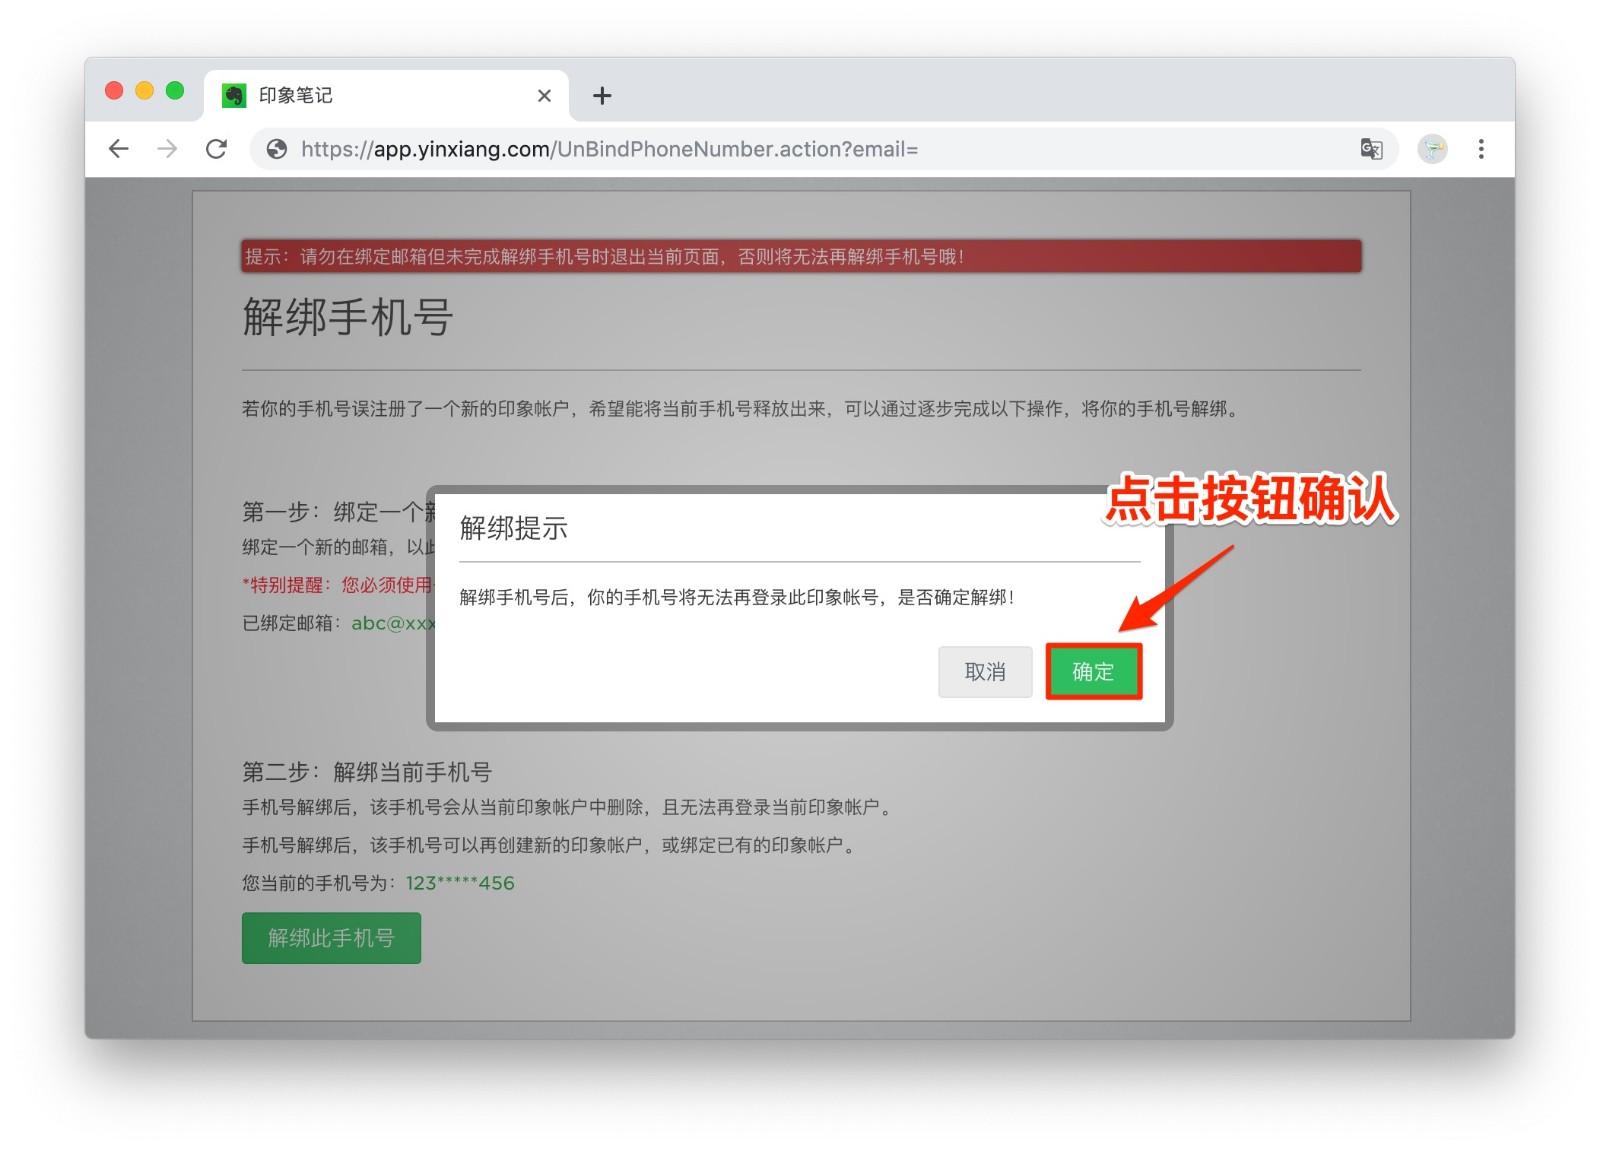 印象笔记电脑网页版